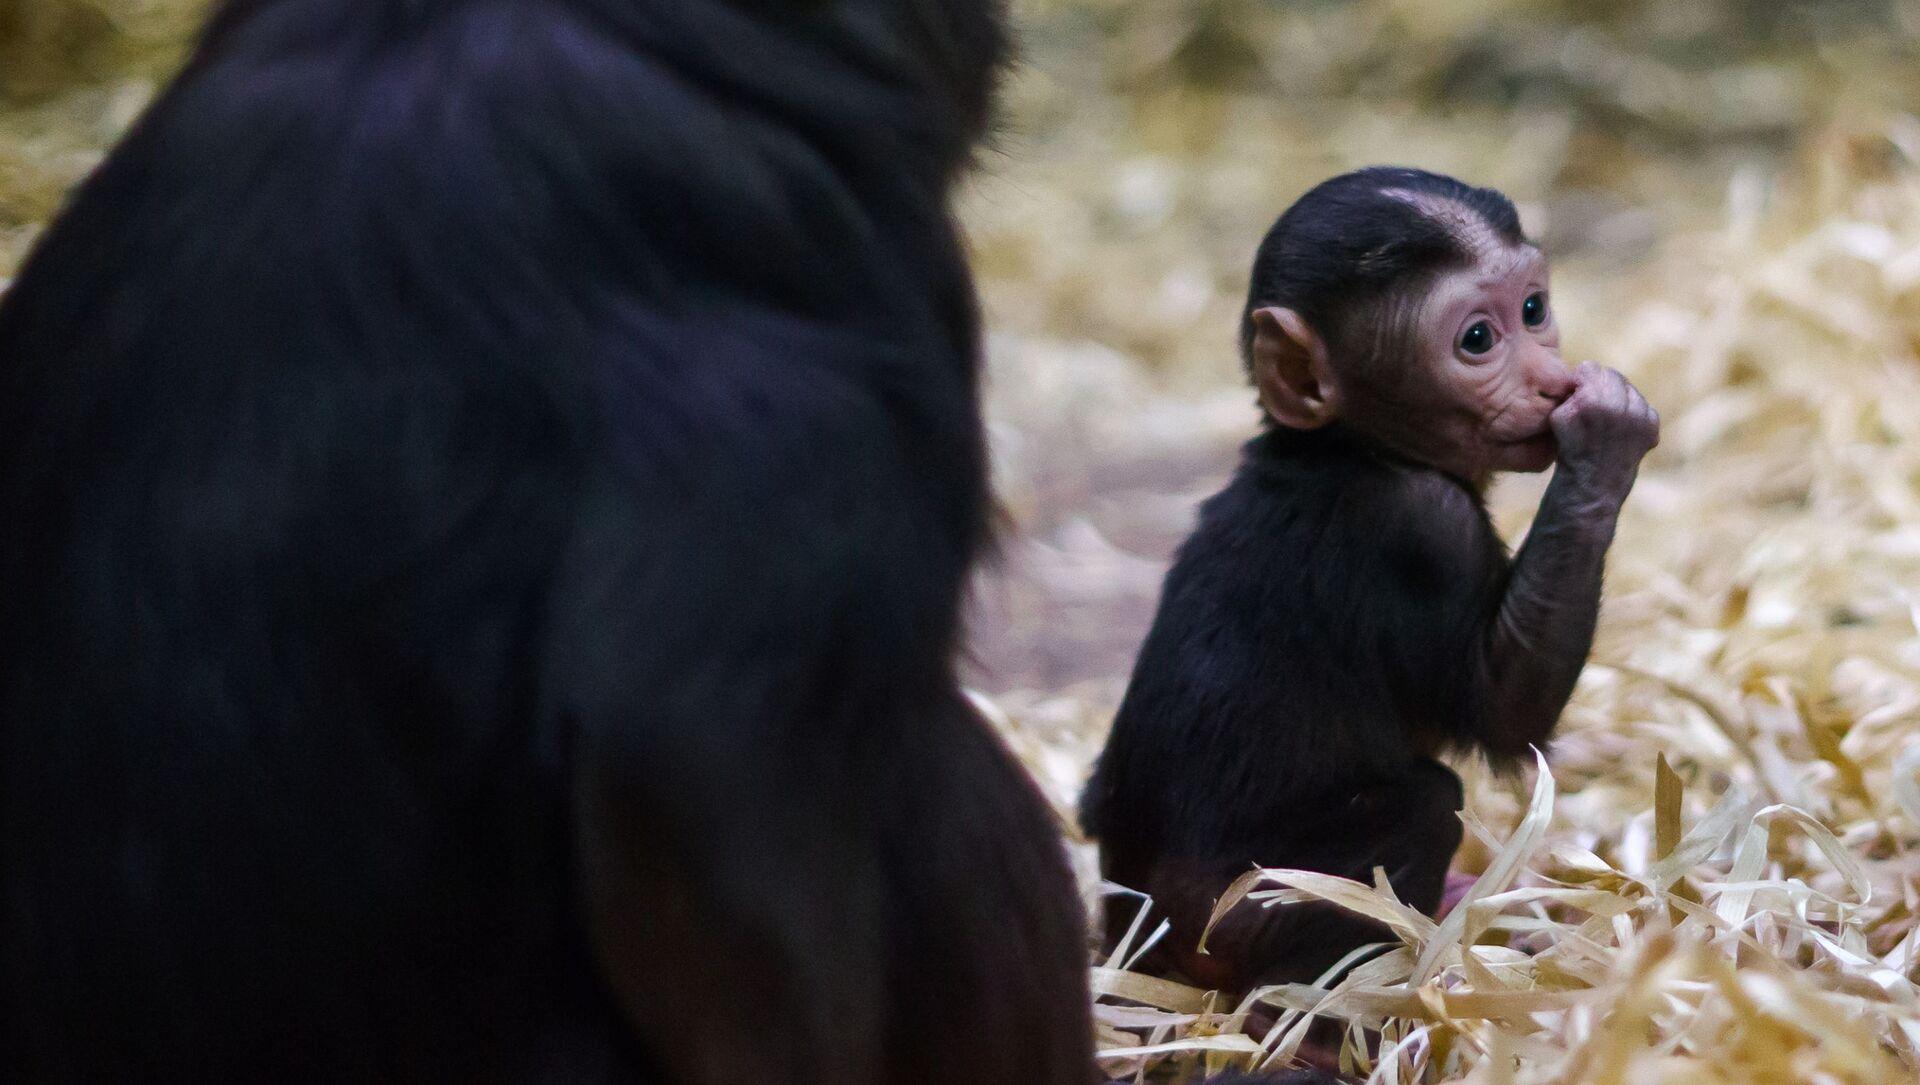 Piccolo di macaco appena nato  - Sputnik Italia, 1920, 18.05.2021